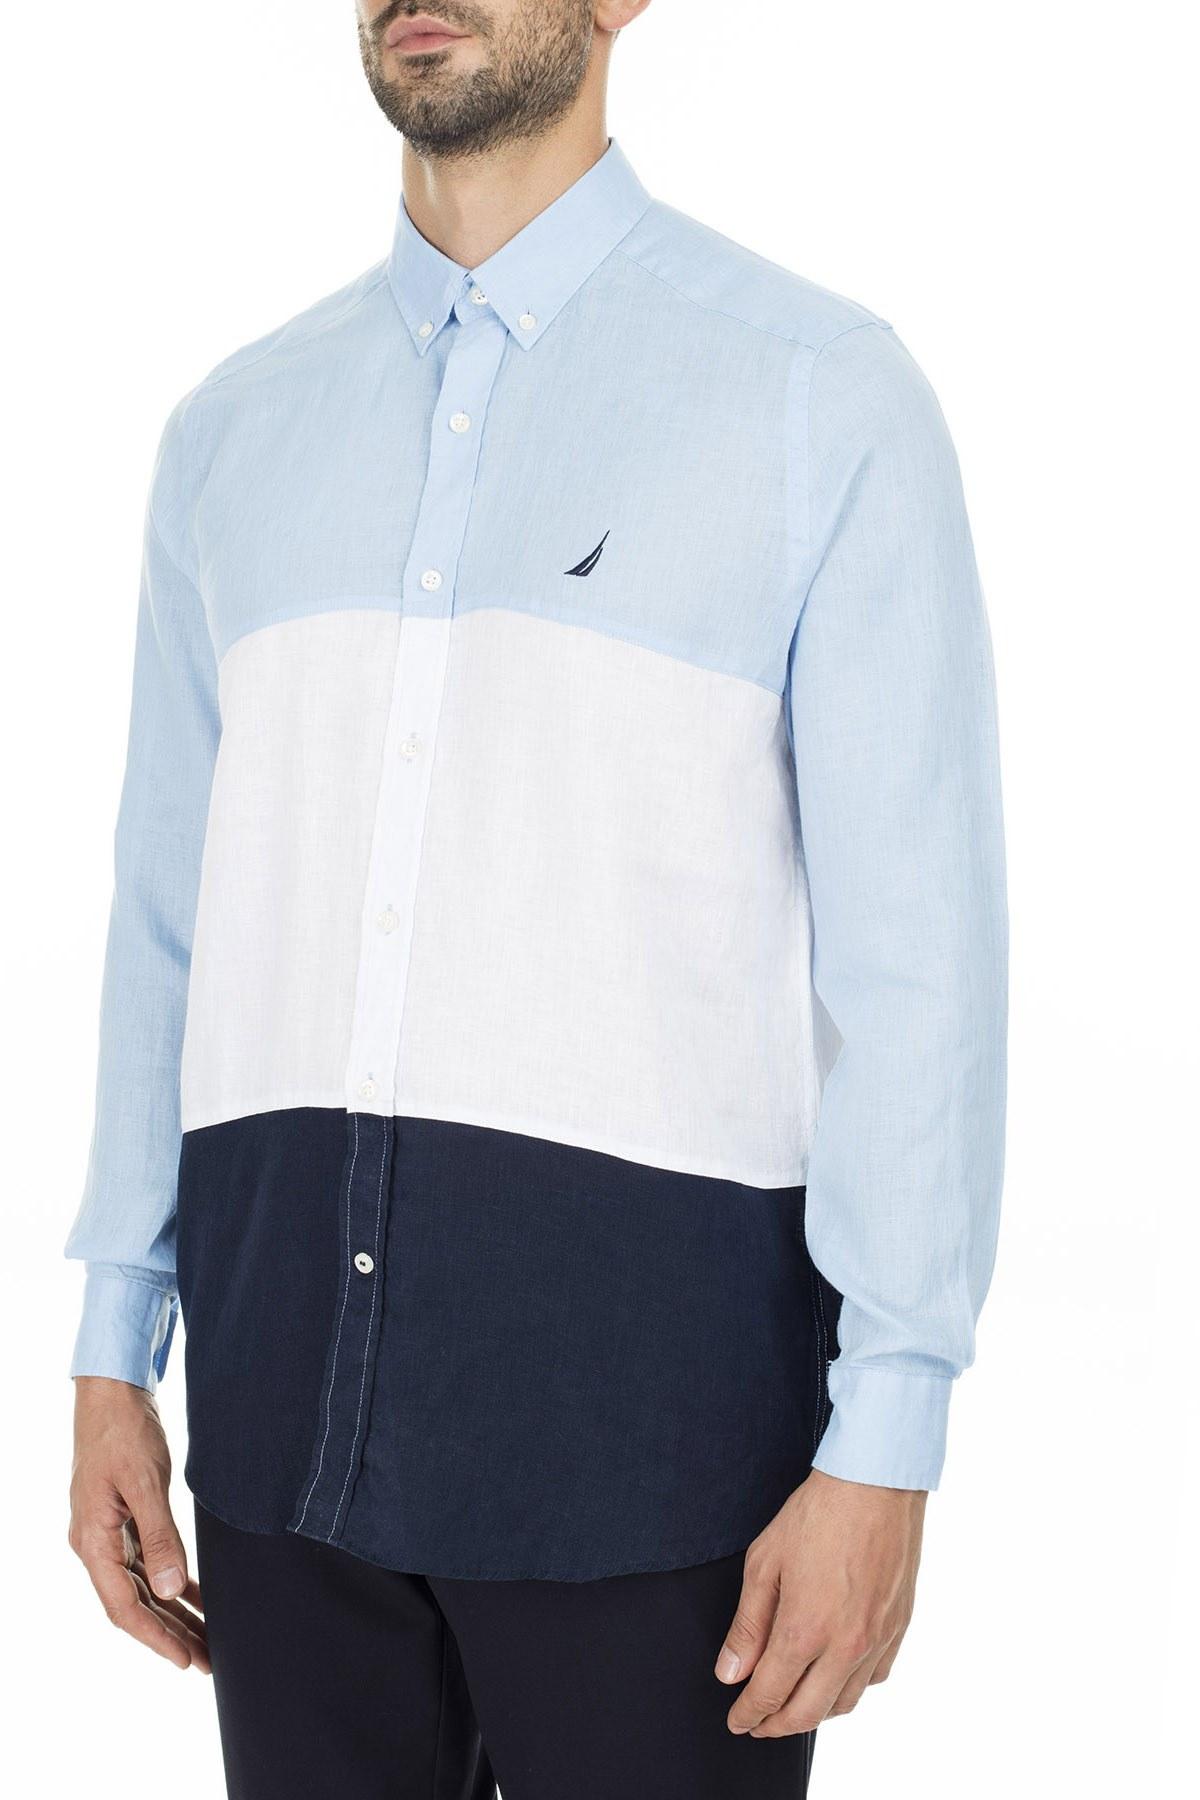 Nautica Erkek Gömlek W01016T 4NN MAVİ